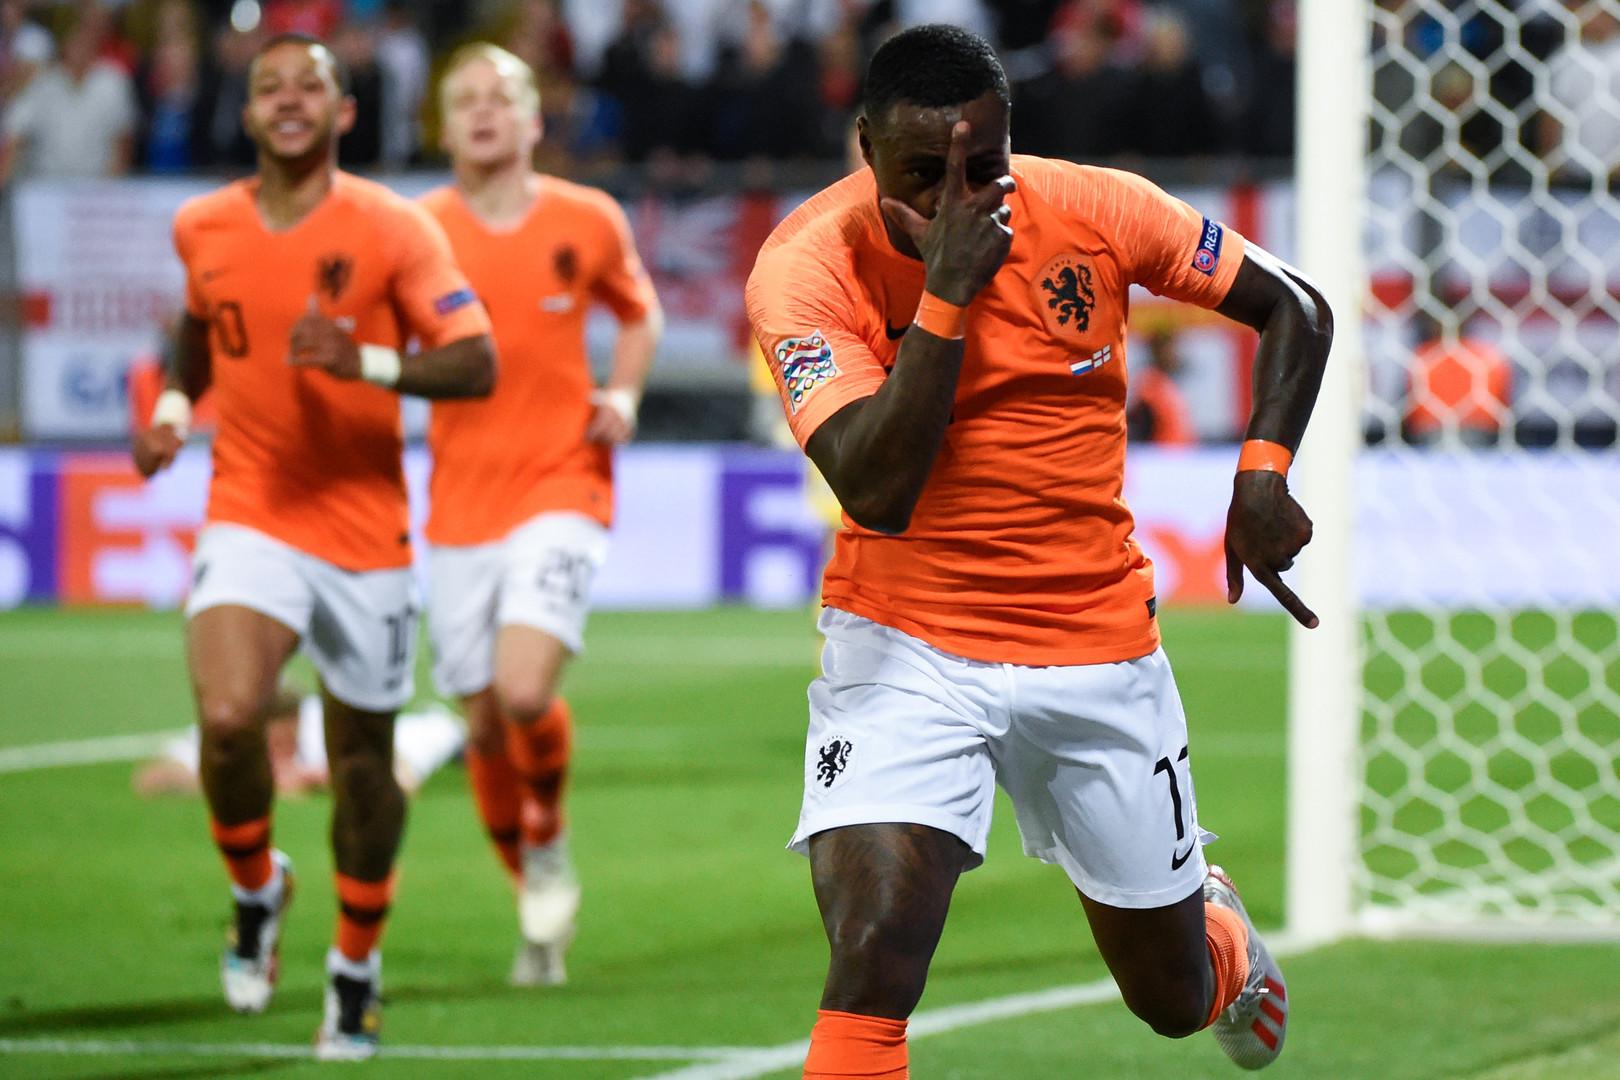 هولندا تتخطى إنجلترا وتضرب موعدا مع البرتغال في النهائي